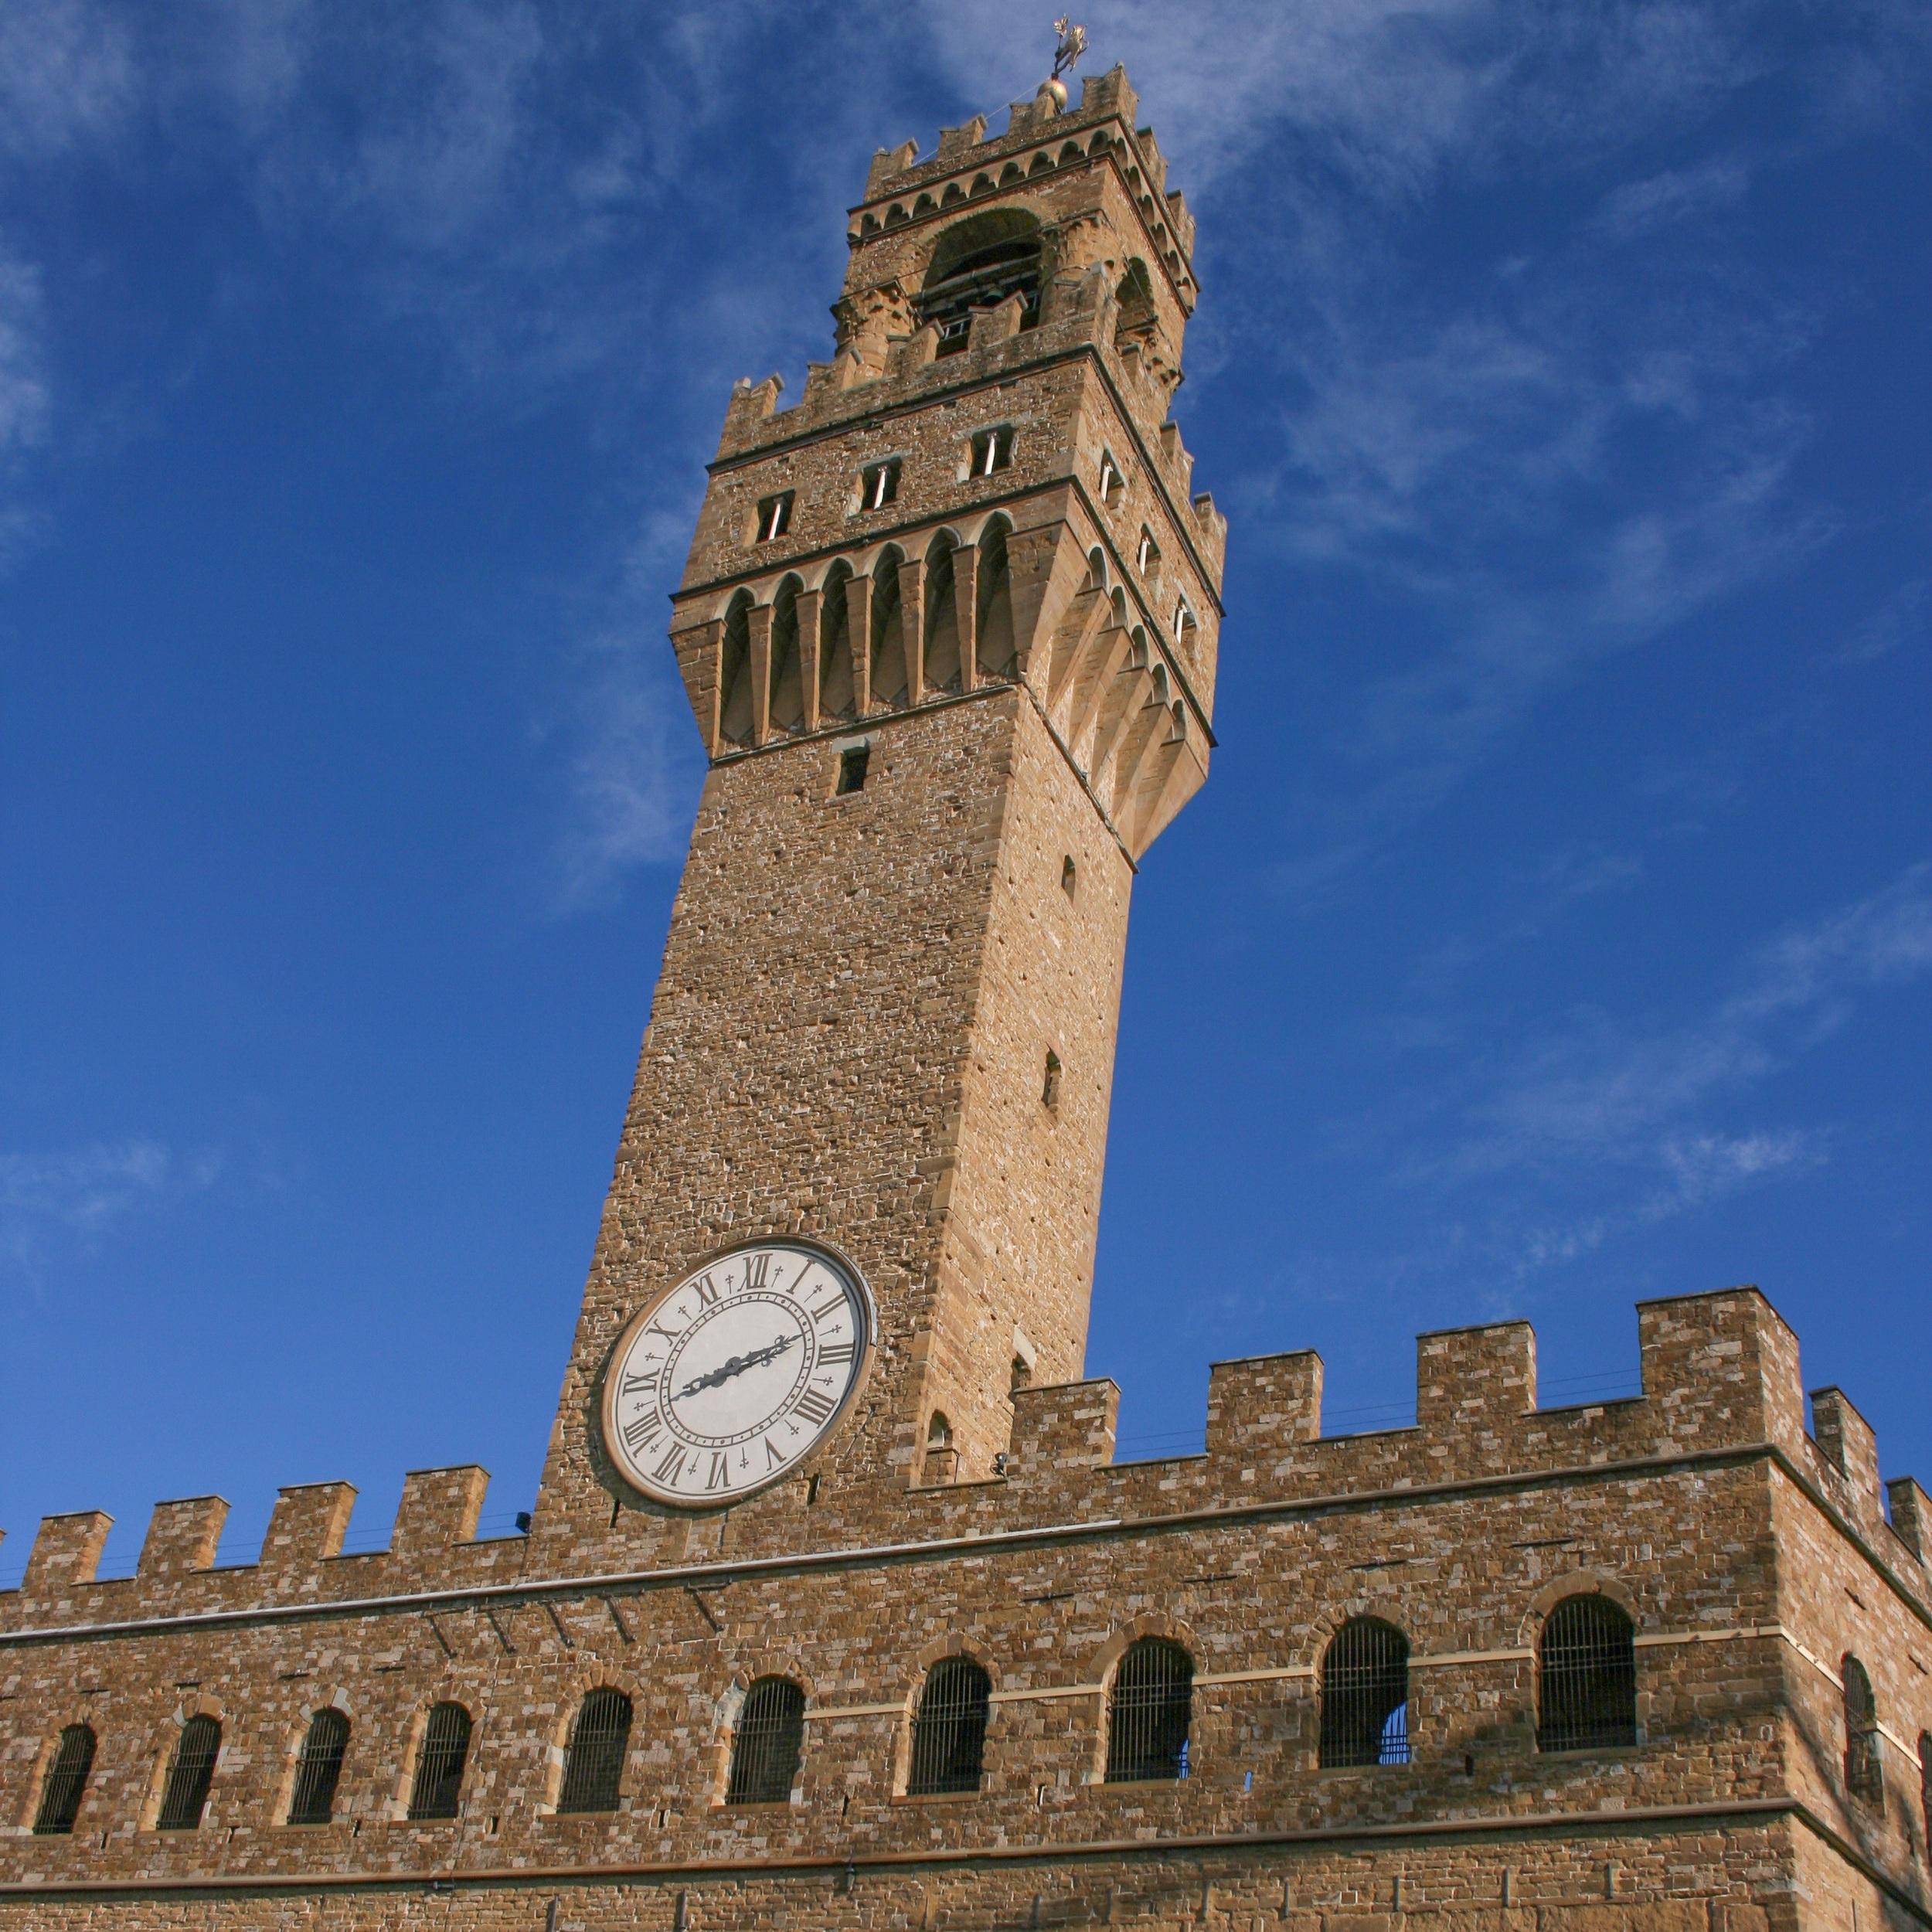 The Palazzo della Signoria